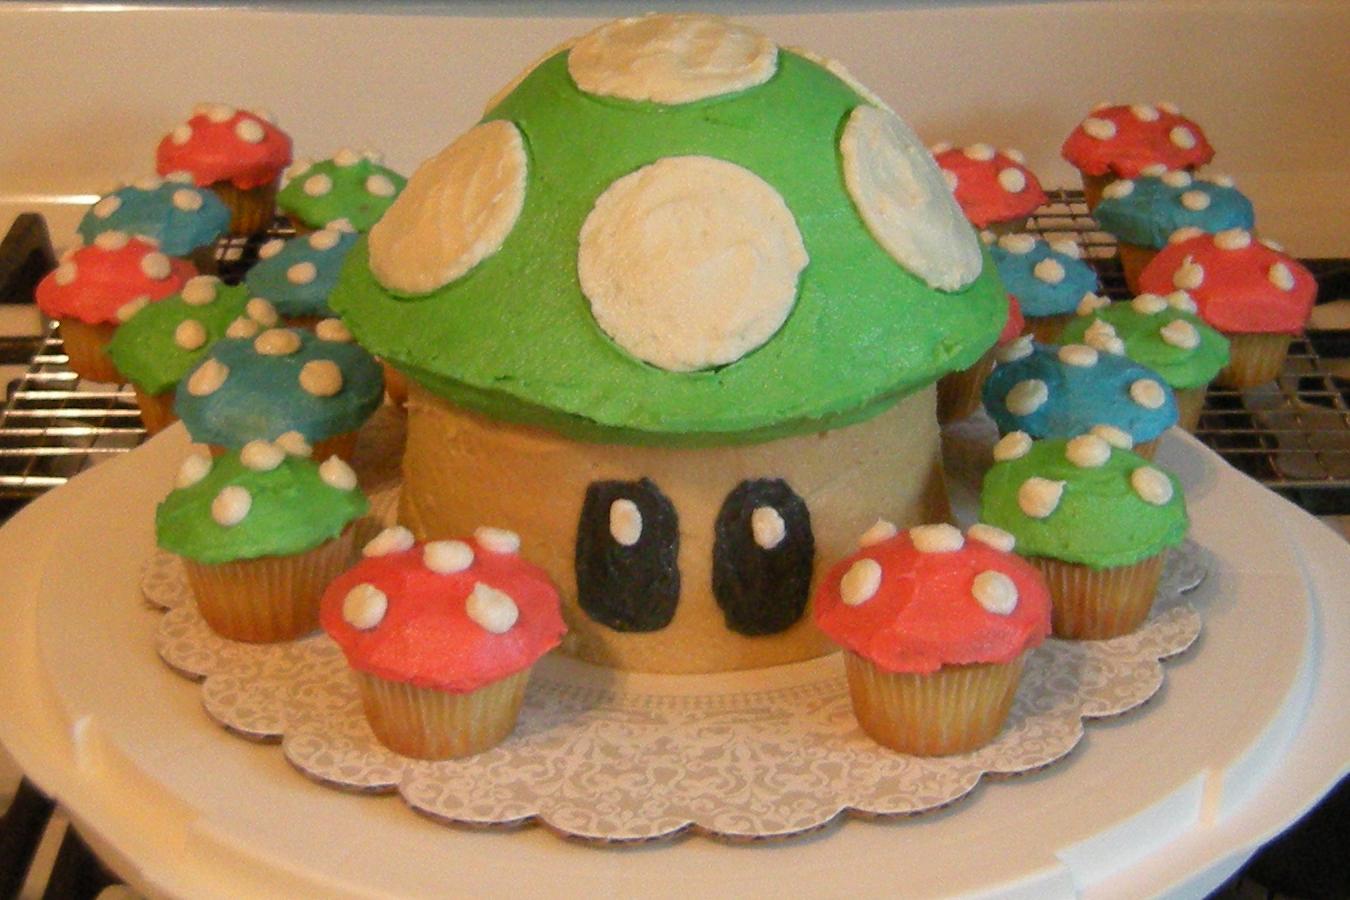 July 2010 & Super Mario Mushrooms | Decorate This